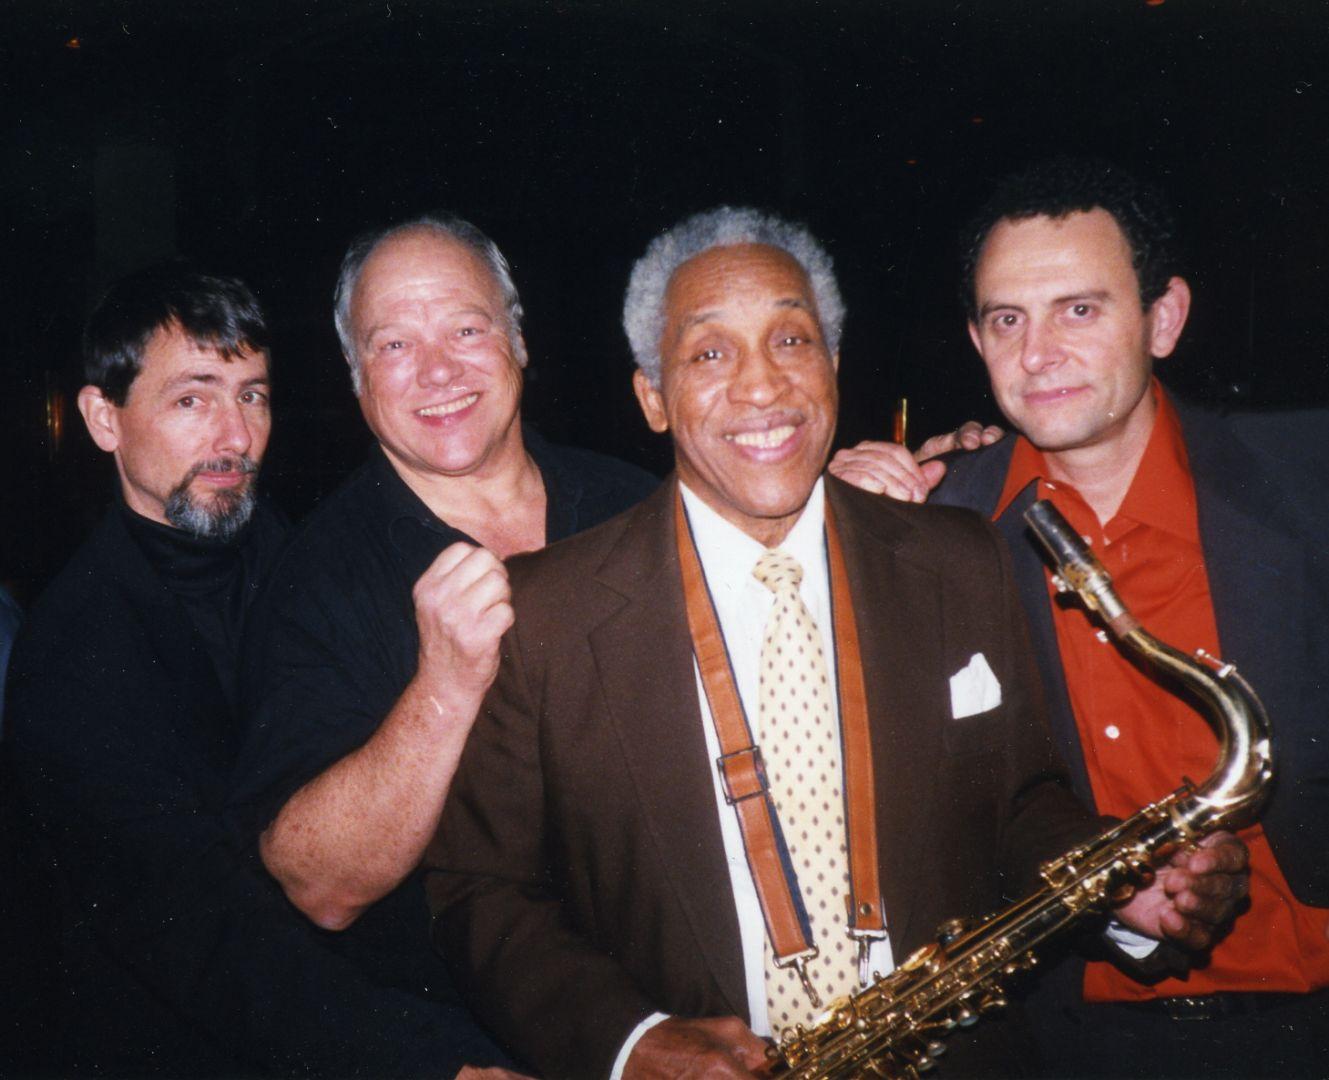 Francesco Crosara Quartet with Von Freeman